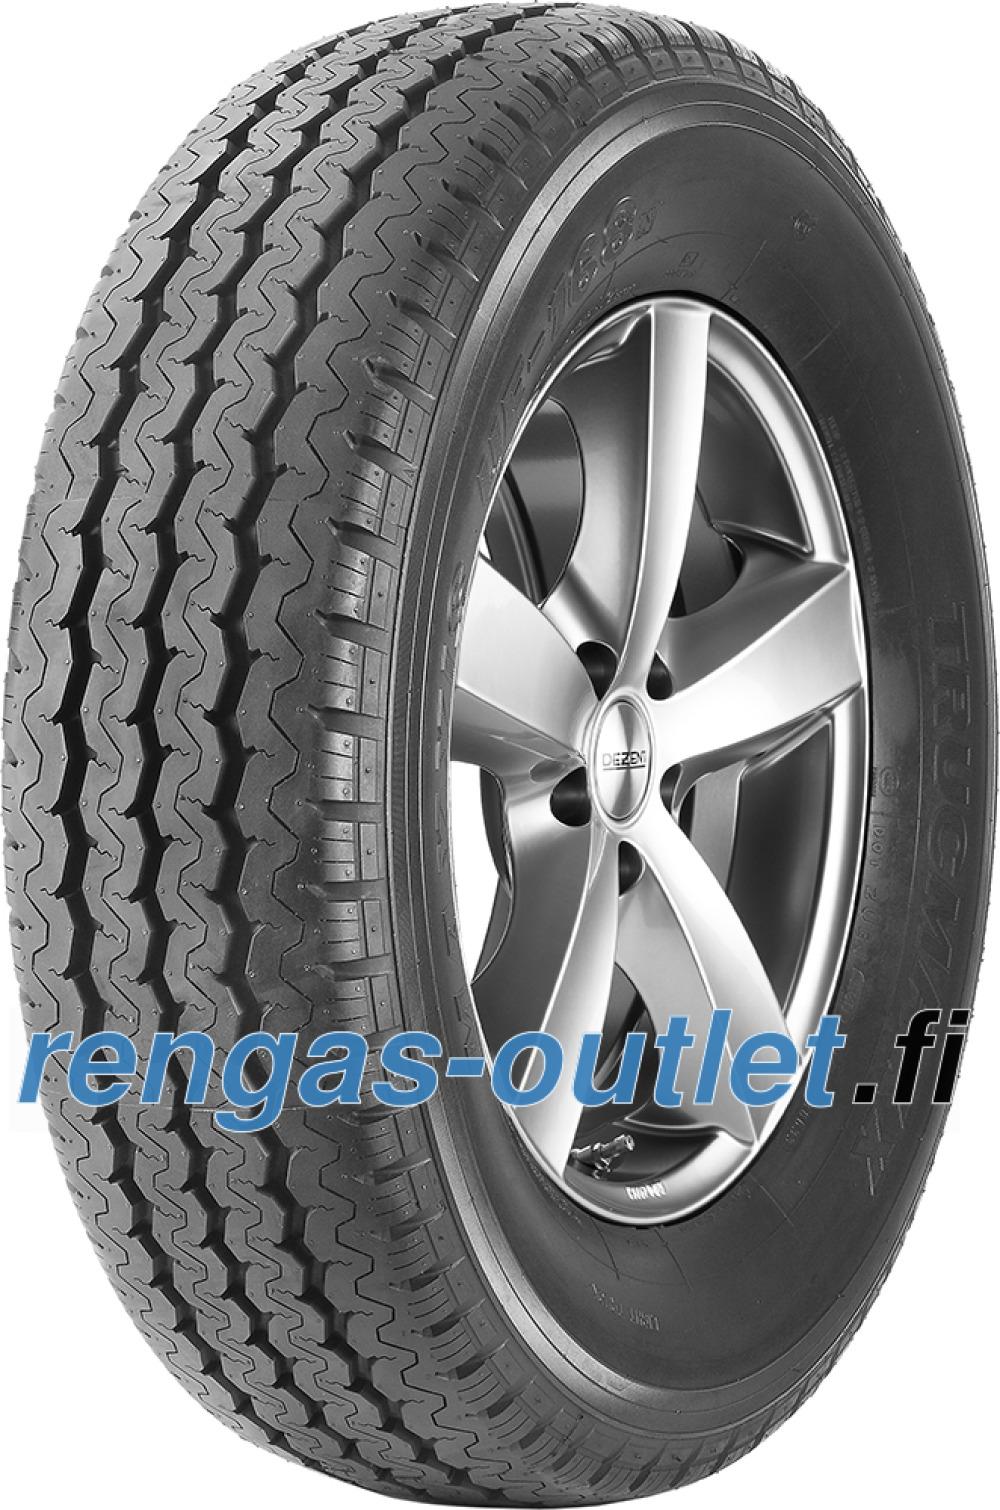 Maxxis UE 168 Trucmaxx ( 165 R14C 97/95N )